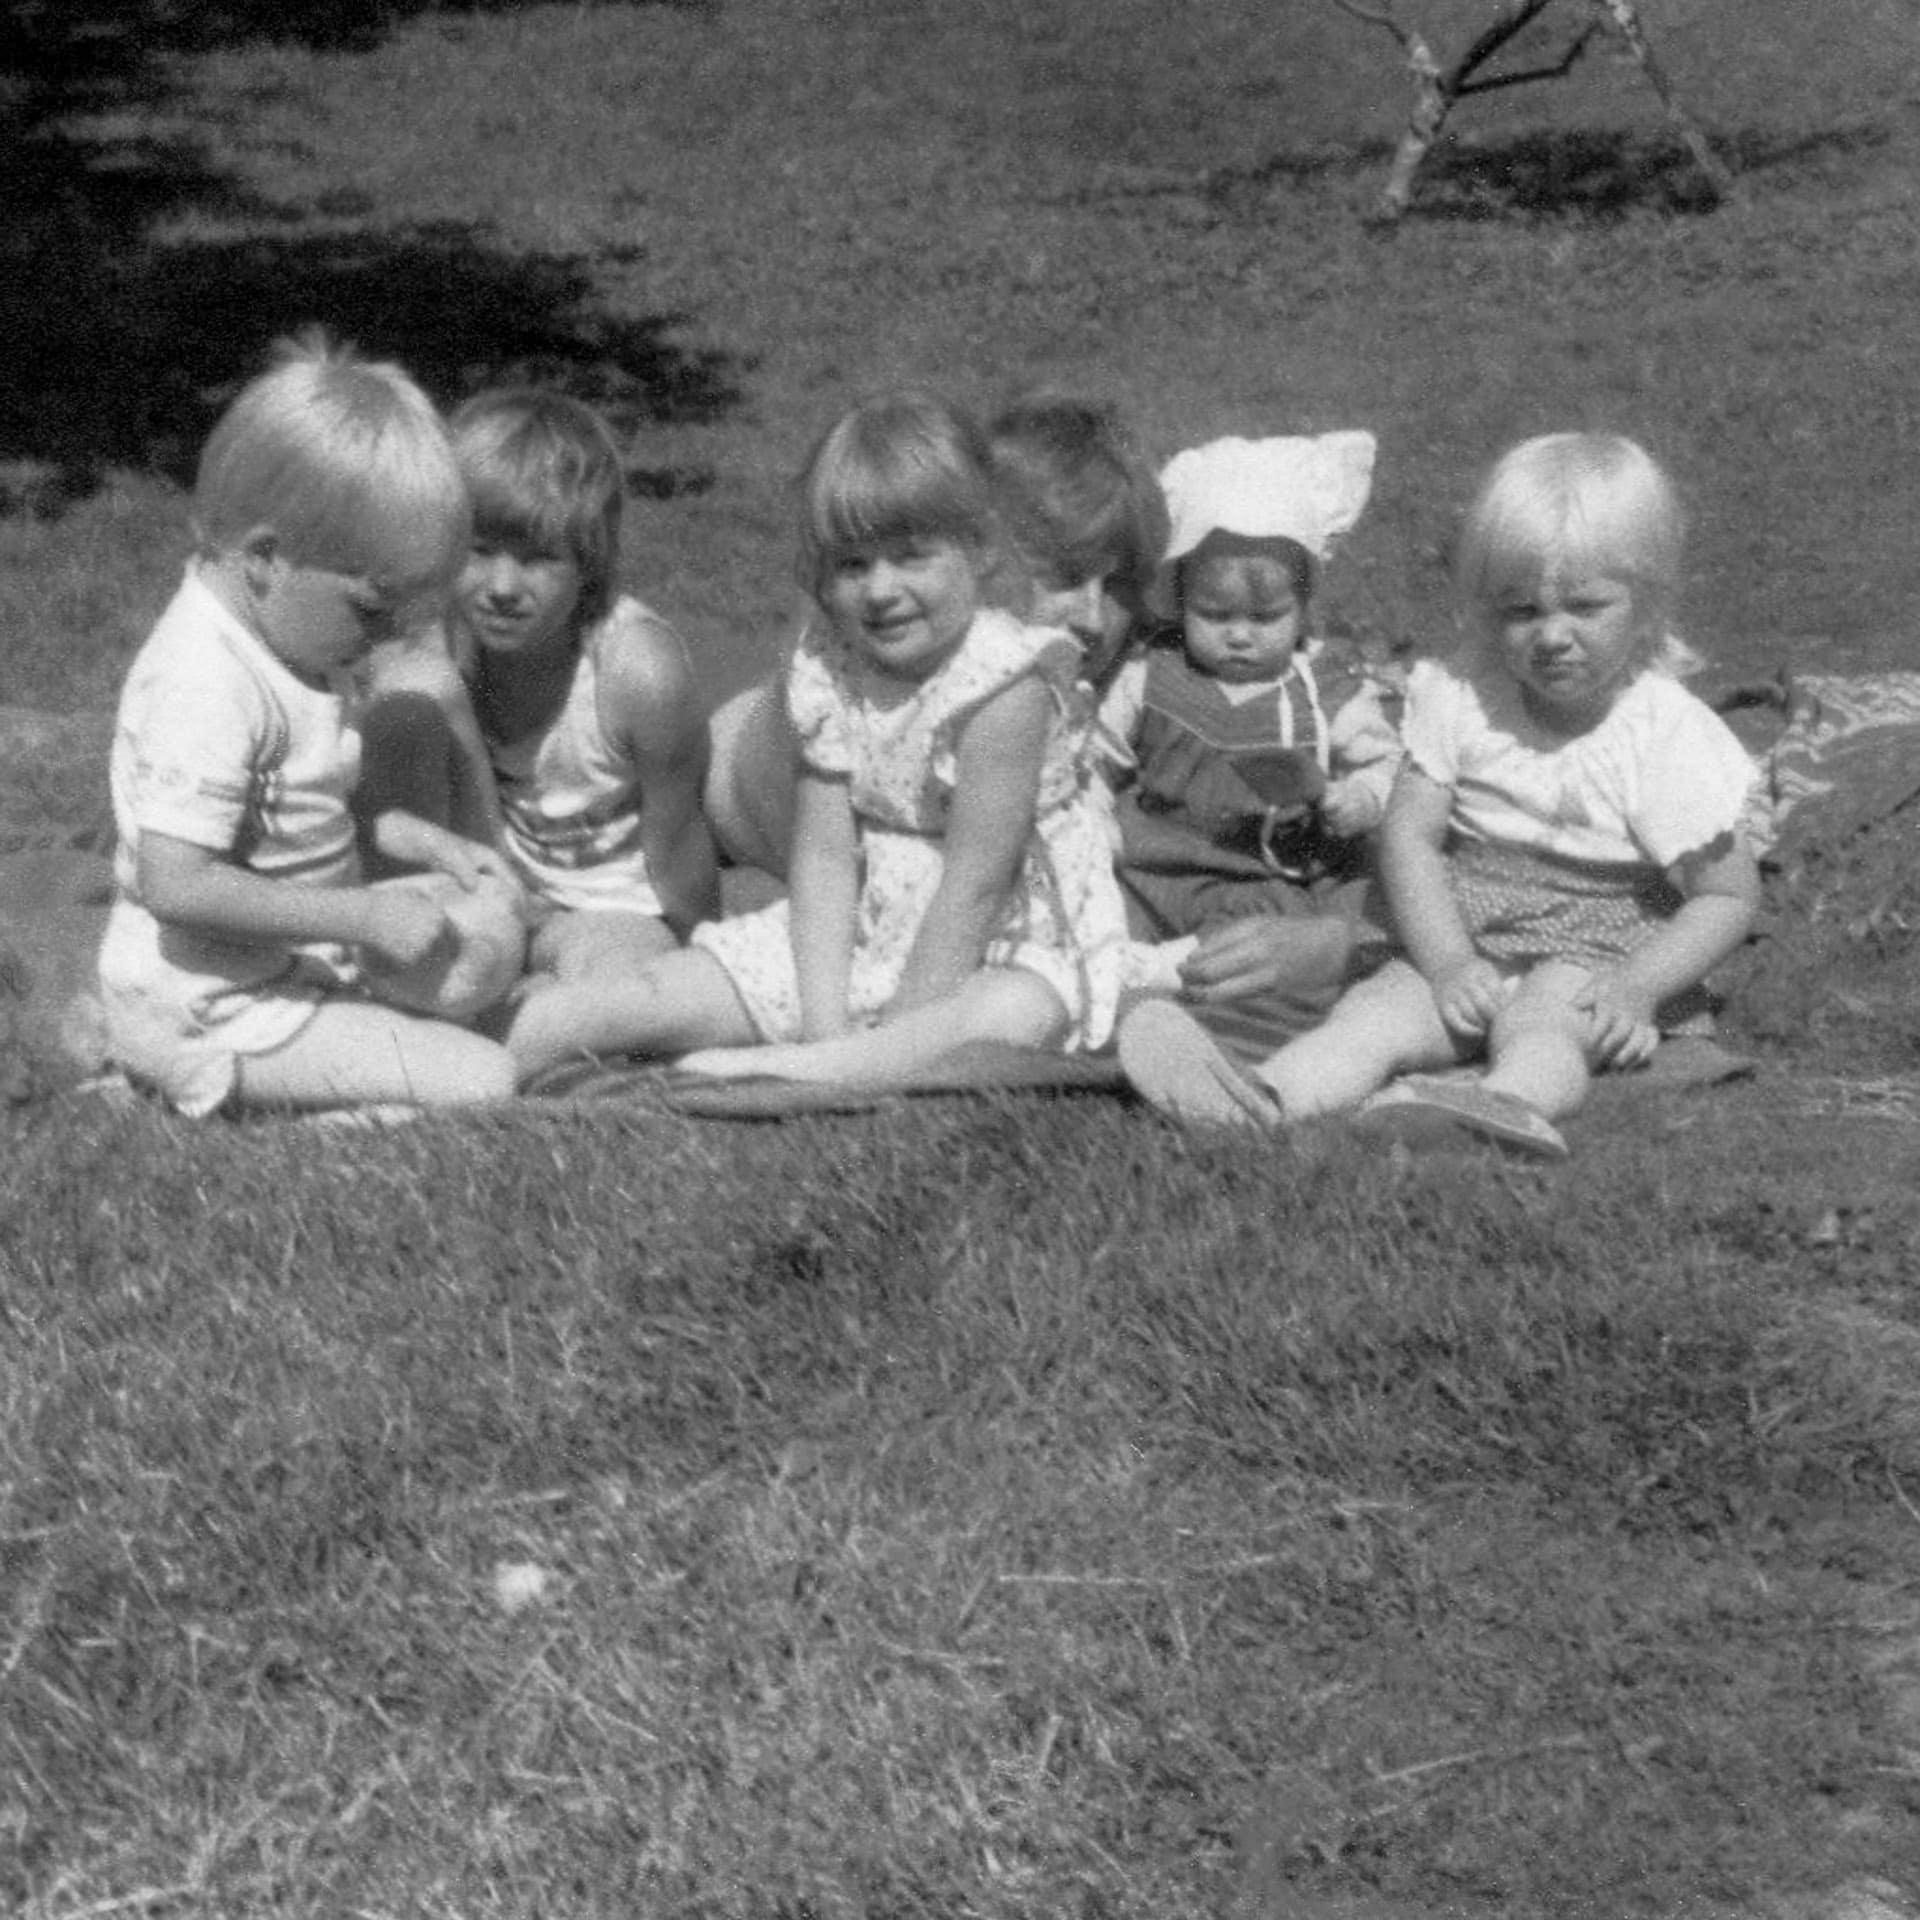 Letzte Generation Ost, Ostdeutschland, Ossi, Édition Bessard, Buch, book, Kristin Trüb, Fotografie, Dokumentation, Wende, Mauerfall, DDR, Plattenbau, Hagenow